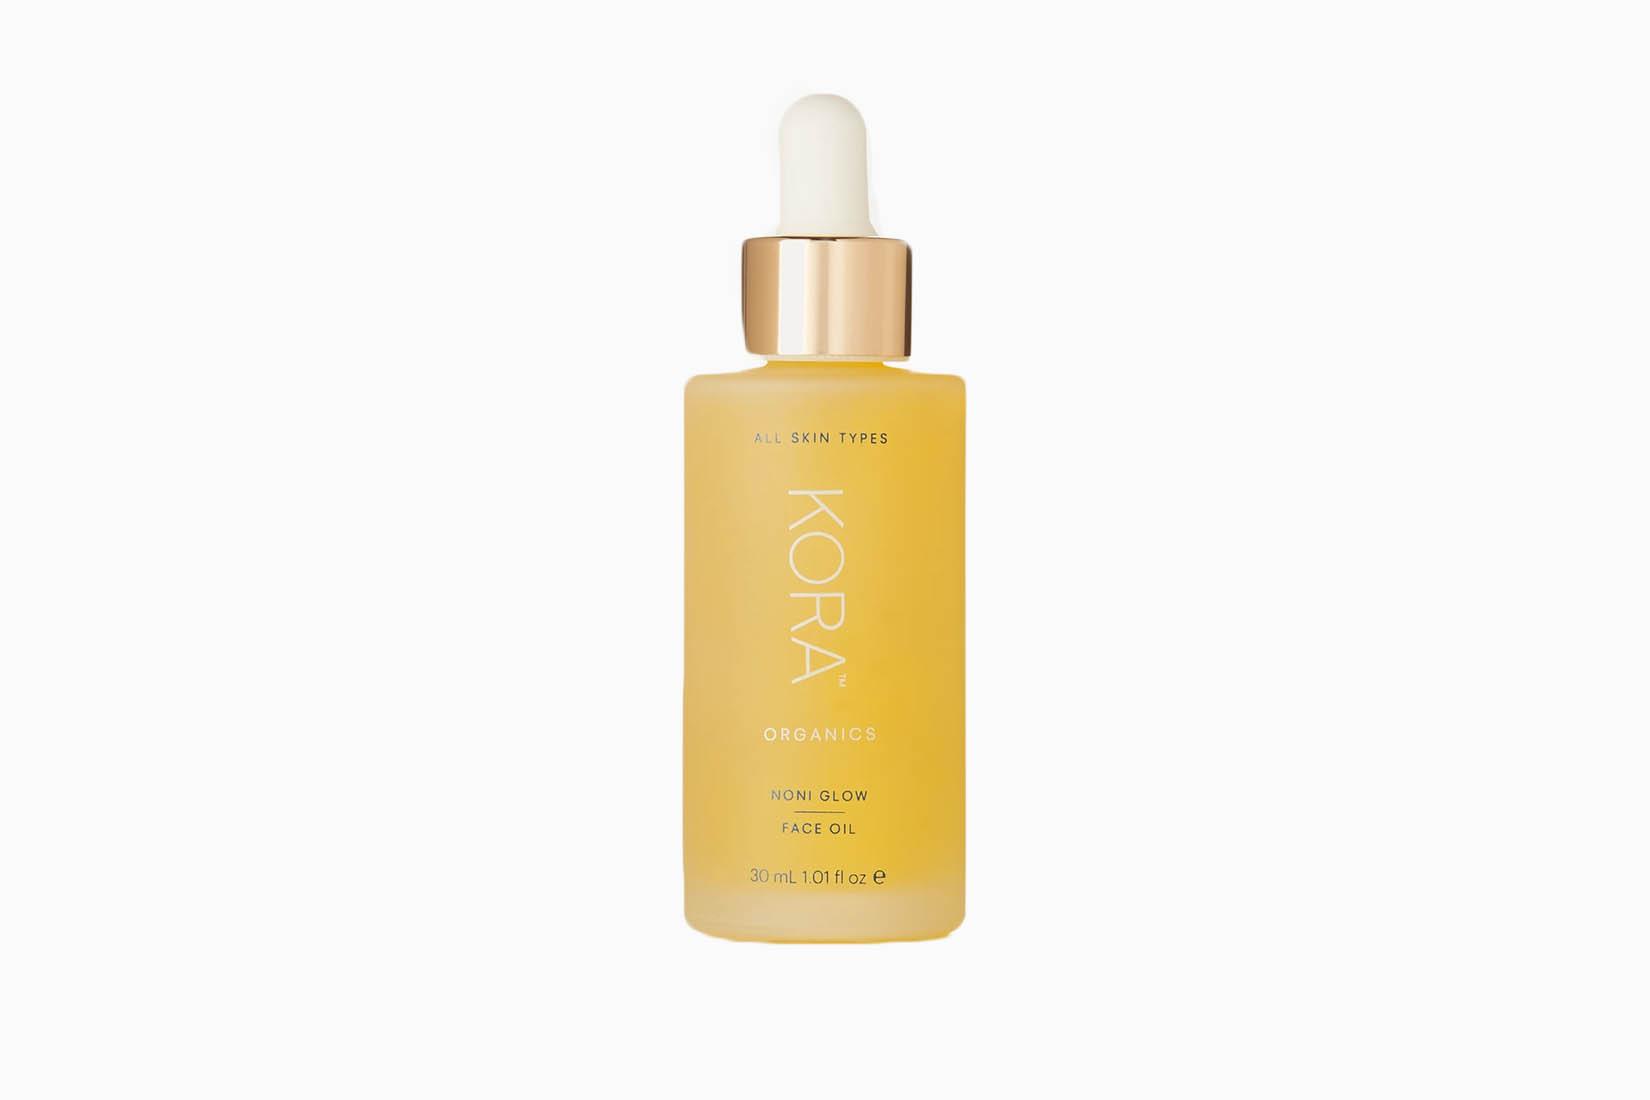 Best Face Oils Kora Organics Review - Luxe Digital